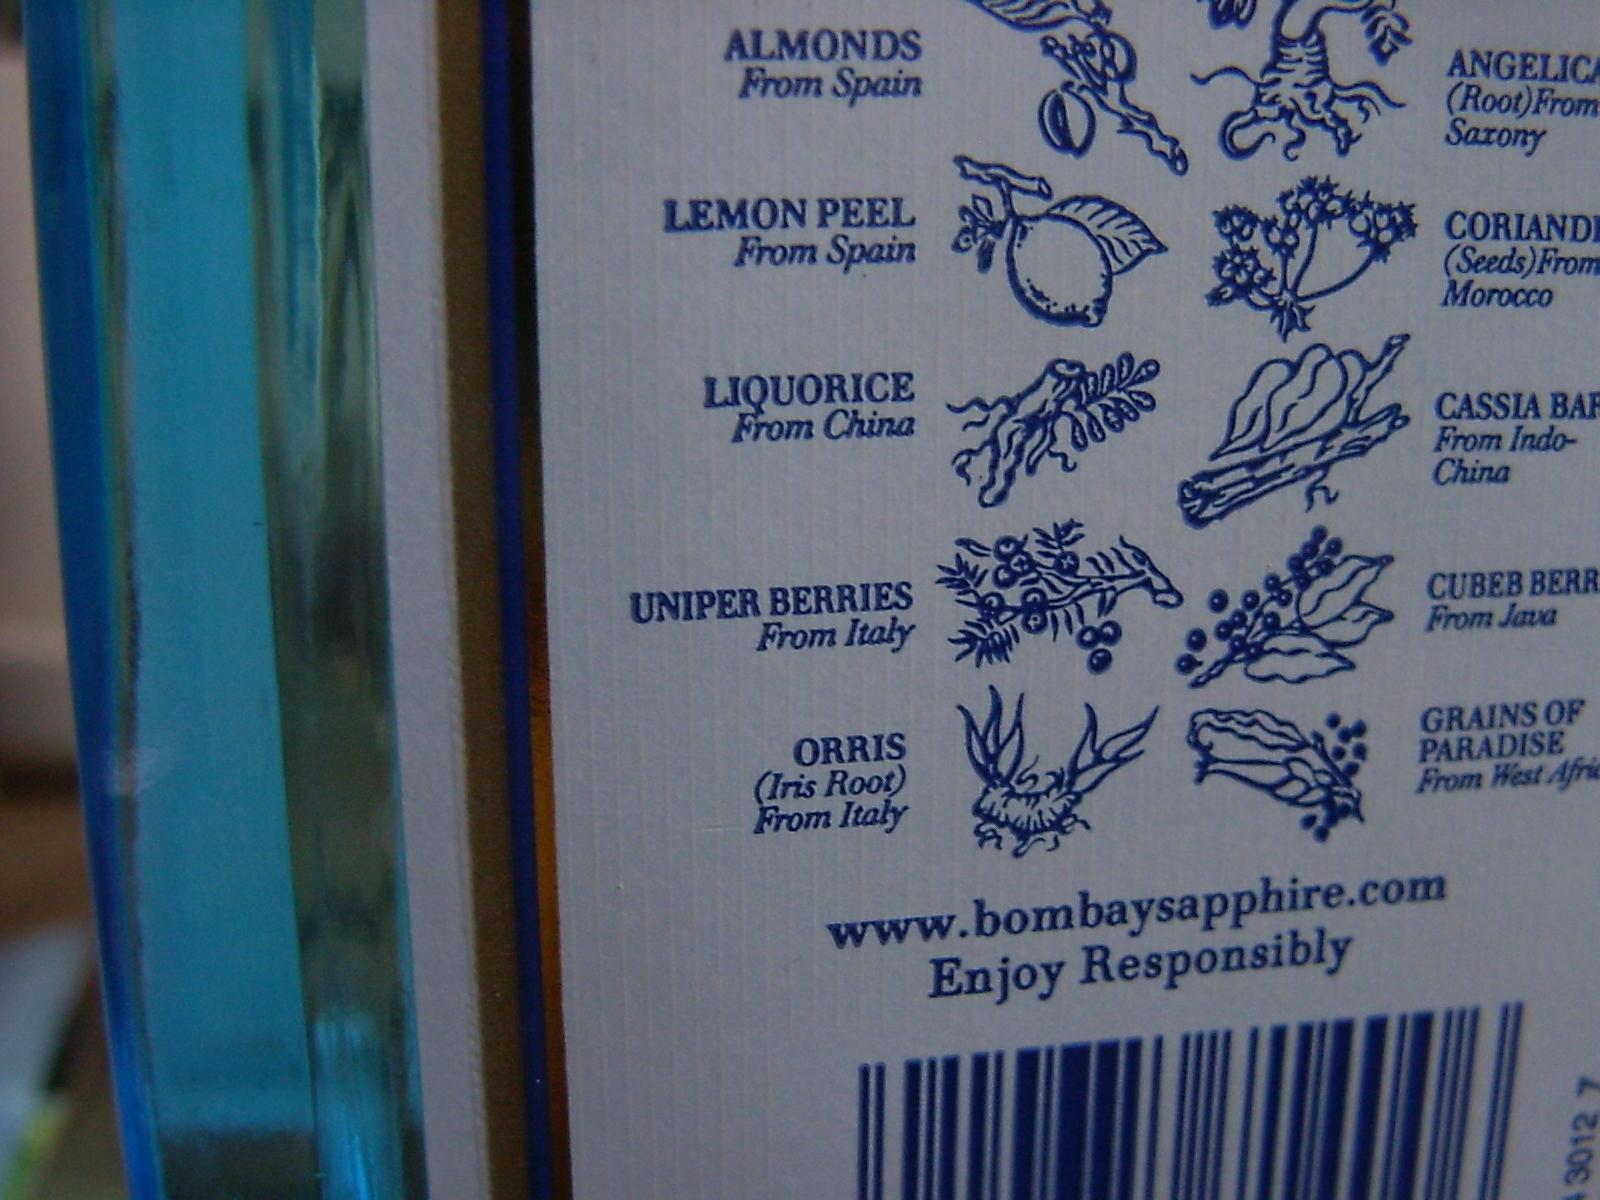 Uniper Berries